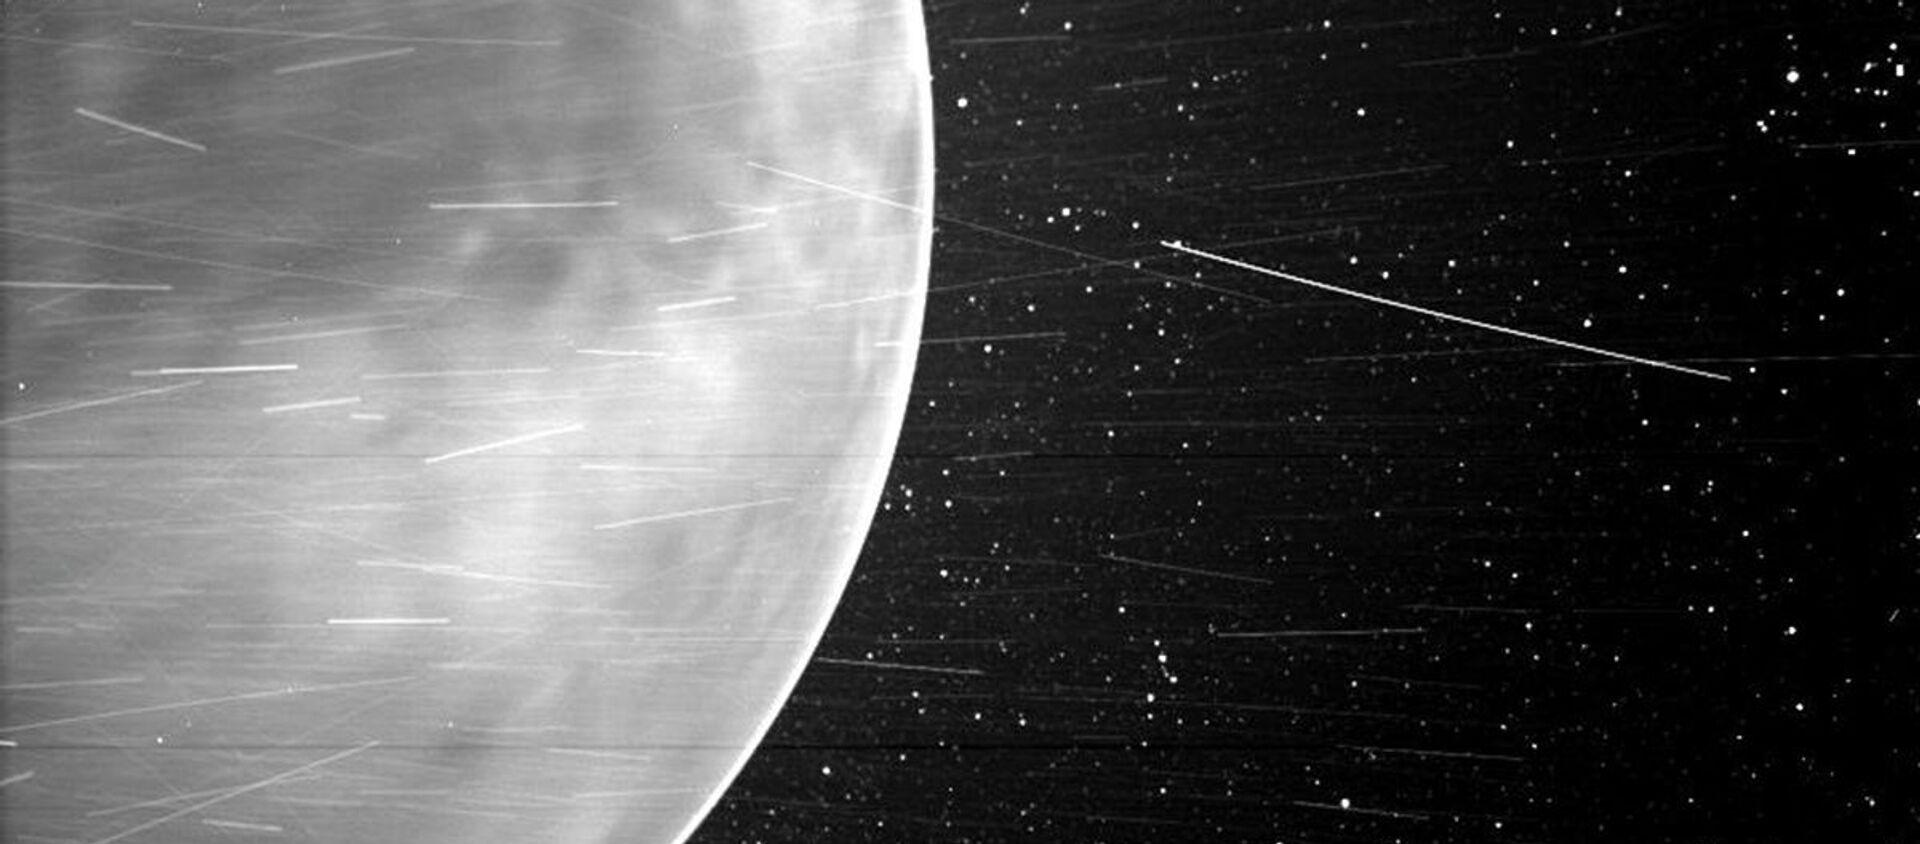 Parkerの金星の現像 - Sputnik 日本, 1920, 26.02.2021